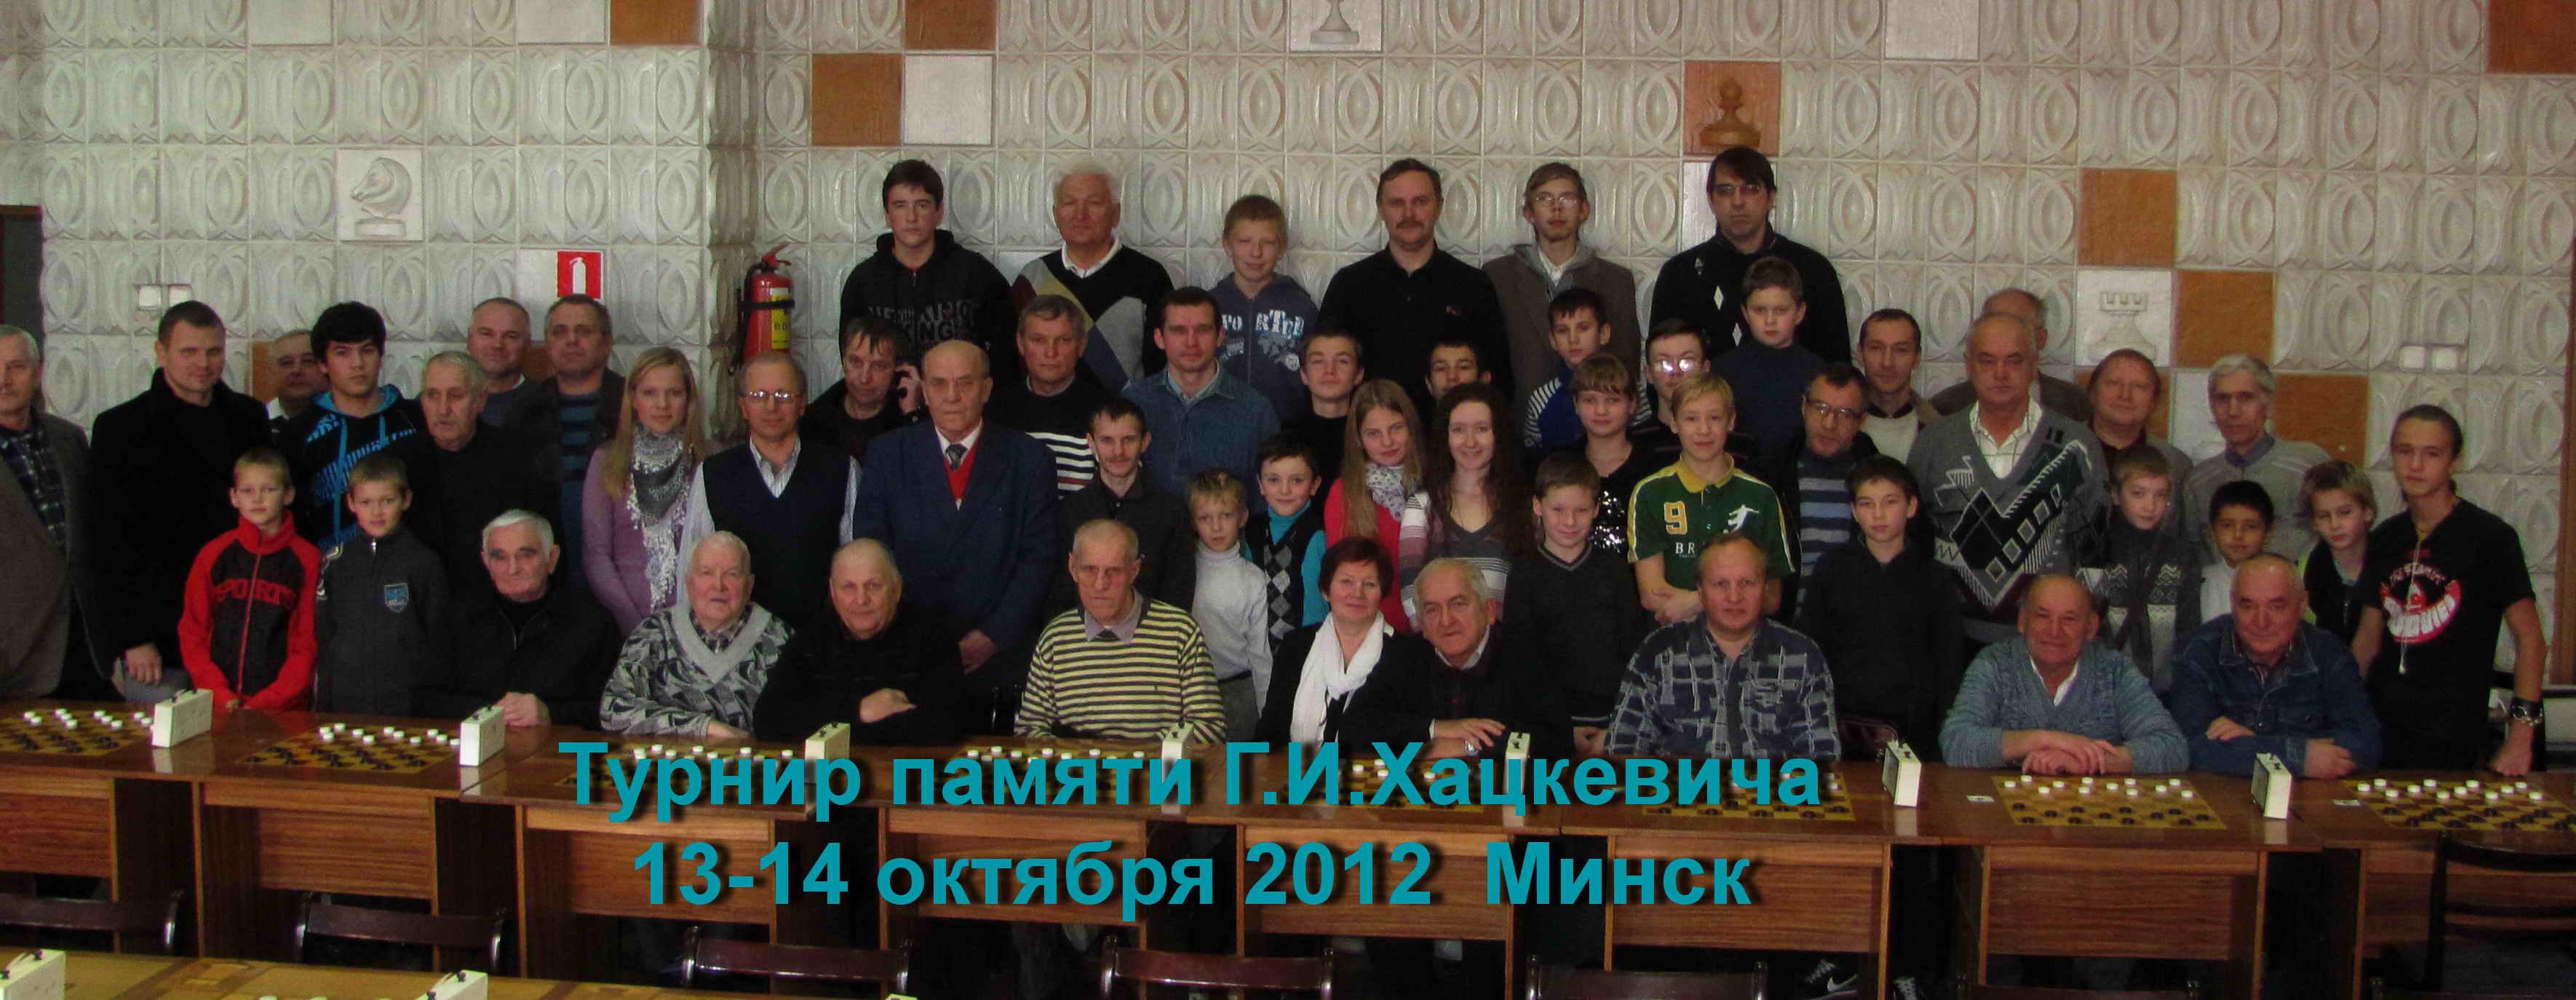 Турнир памяти Хацкевича 2012